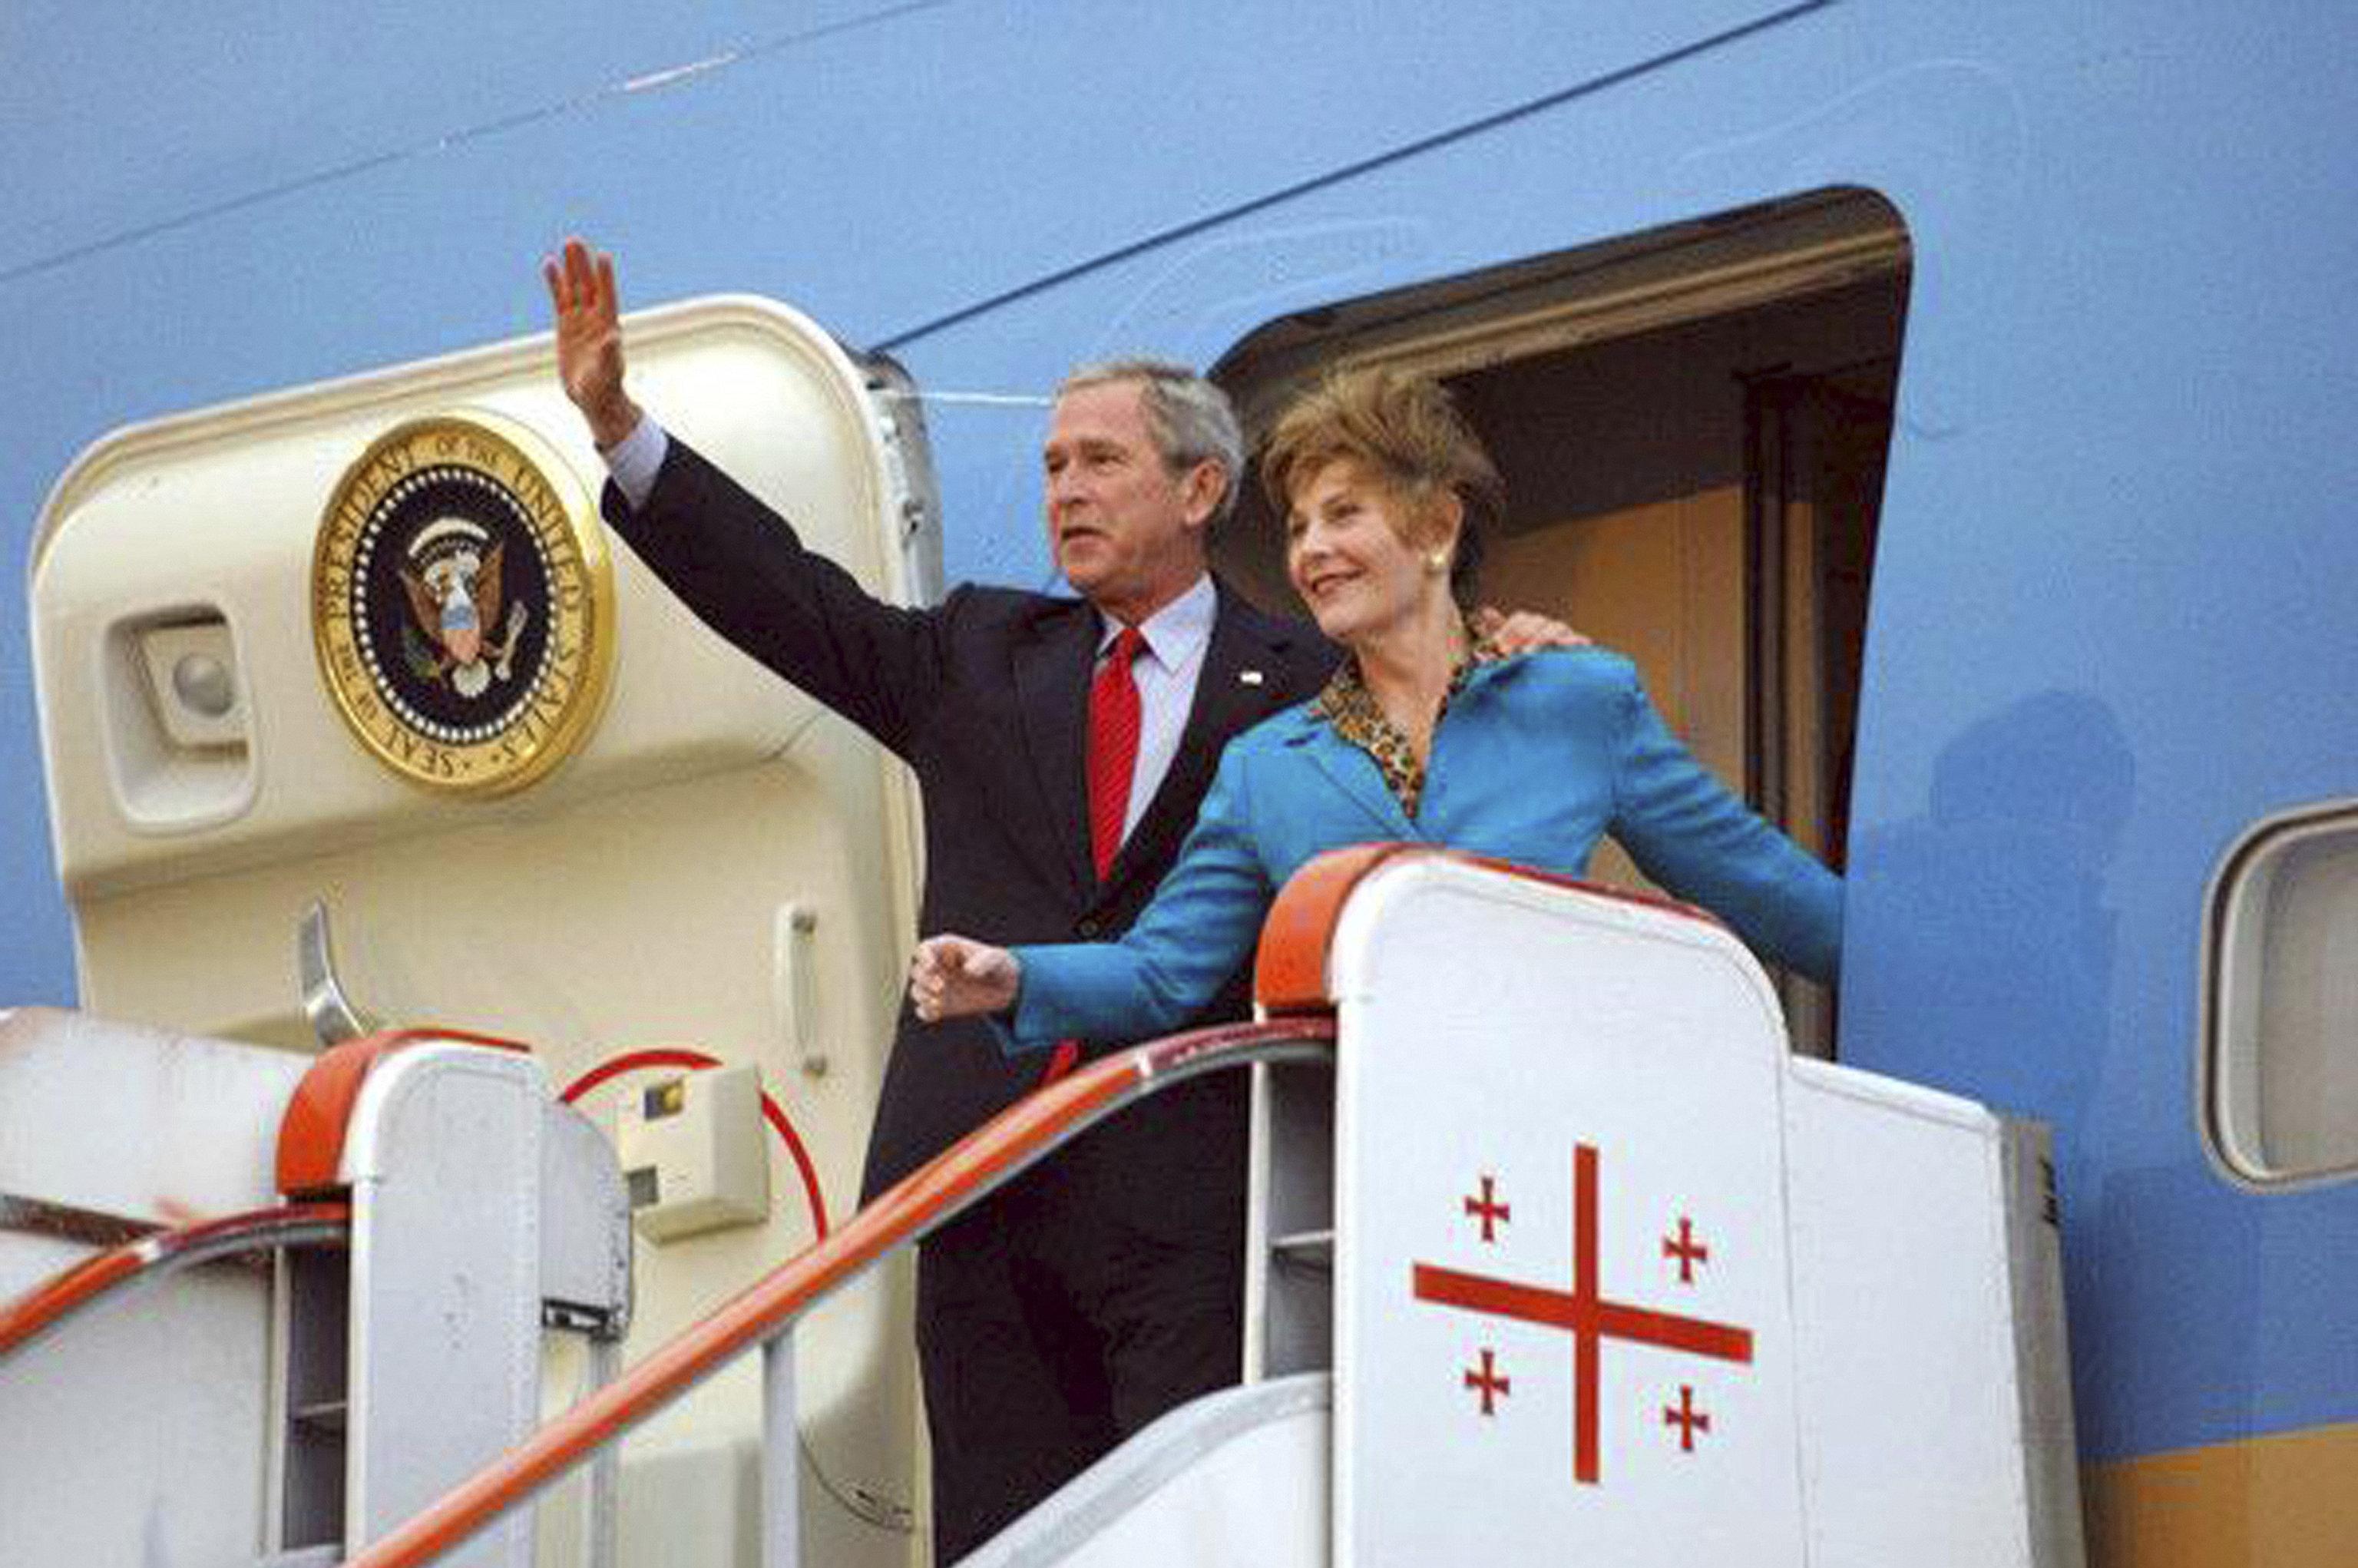 აშშ-ის პრეზიდენტი ჯორჯ ბუში მეუღლესთან, ლორა ბუშთან ერთად საქართველოში ვიზიტის დროს